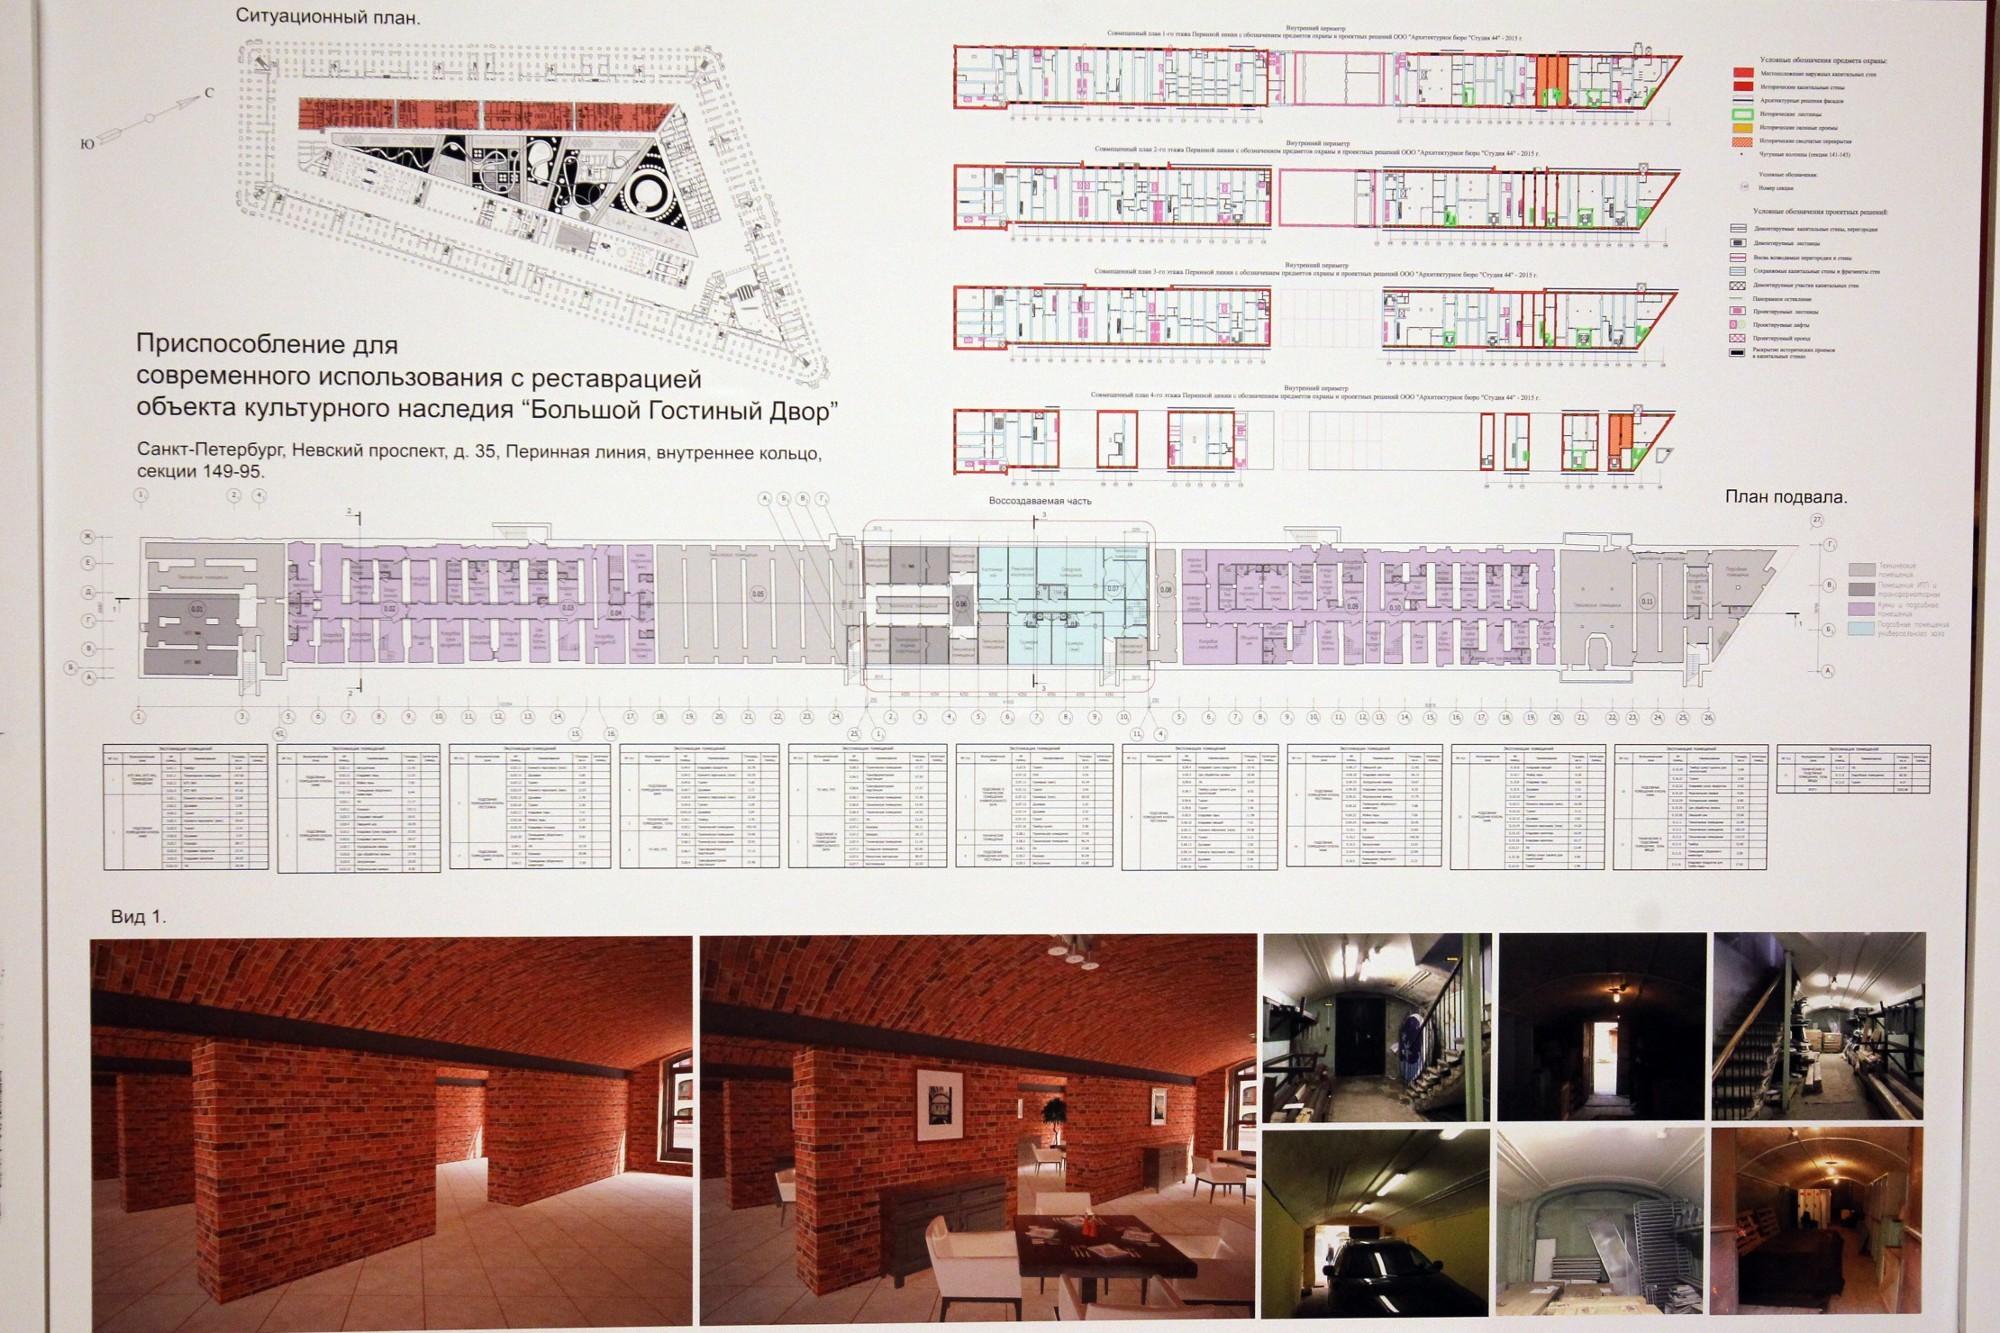 совет по сохранению культурного наследия реконструкция гостиного двора